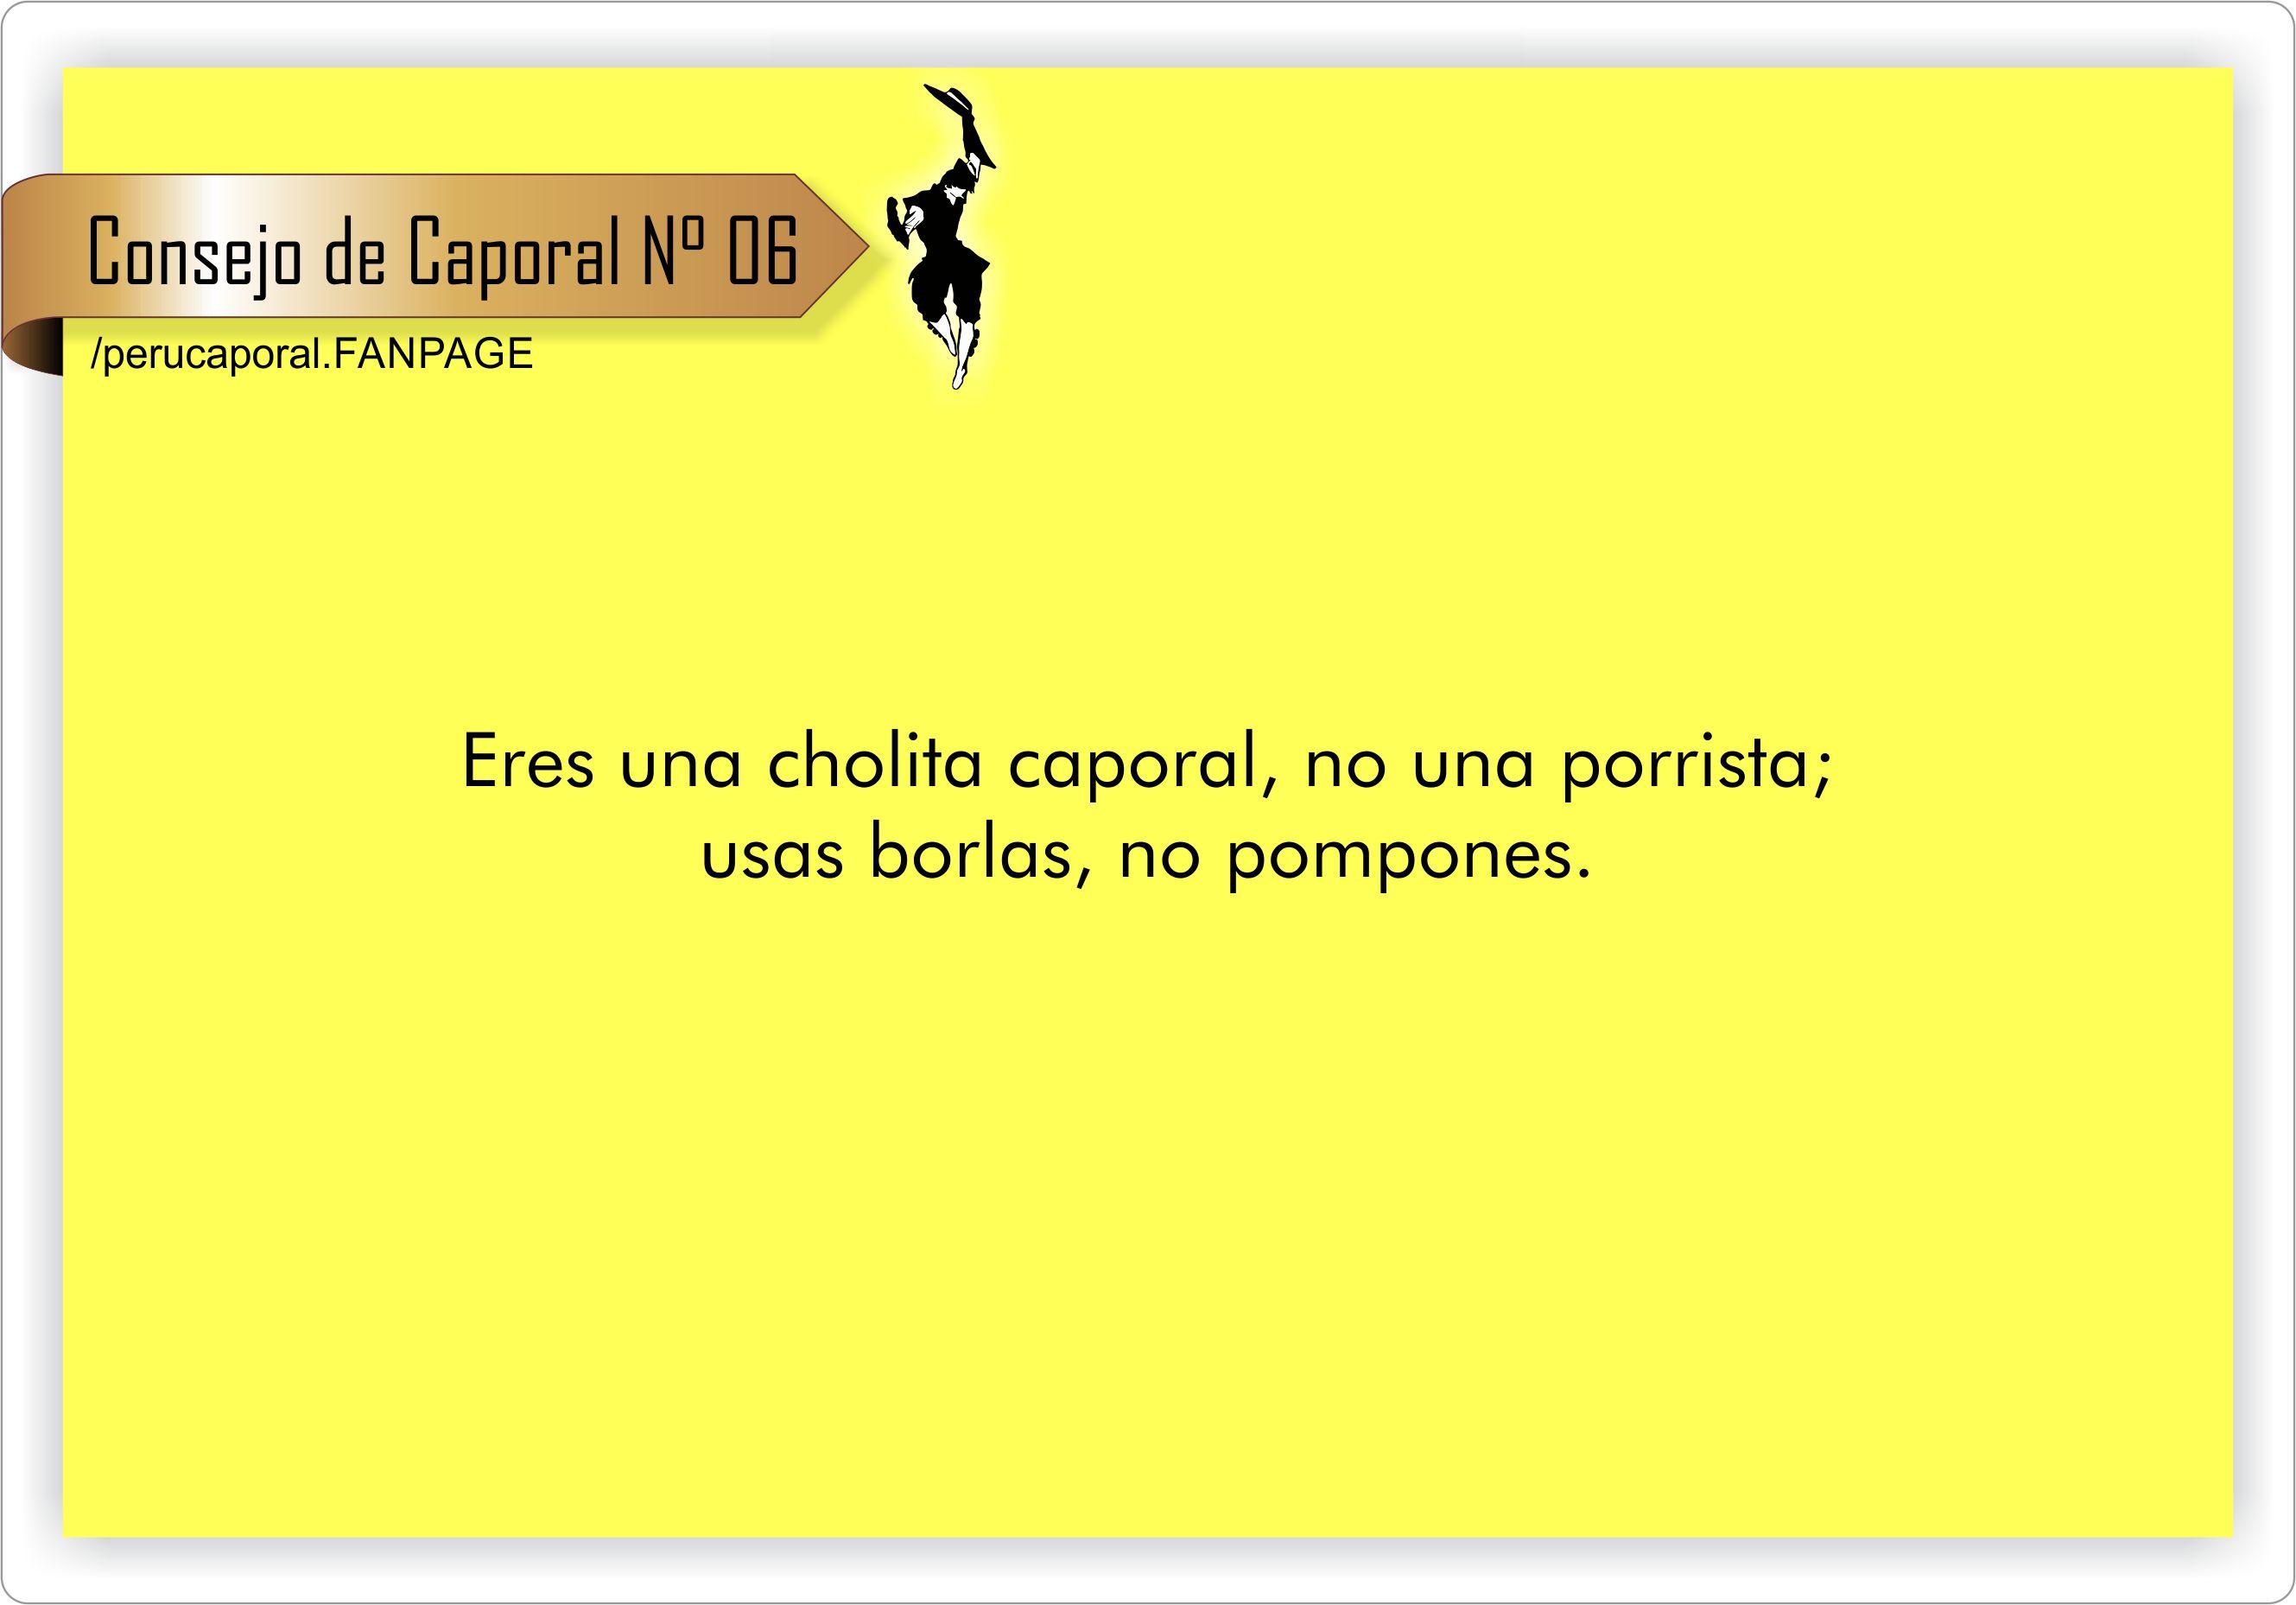 Nosotras, las cholitas Caporalitas o simplemente caporalitas, usamos borlas, no pompones.